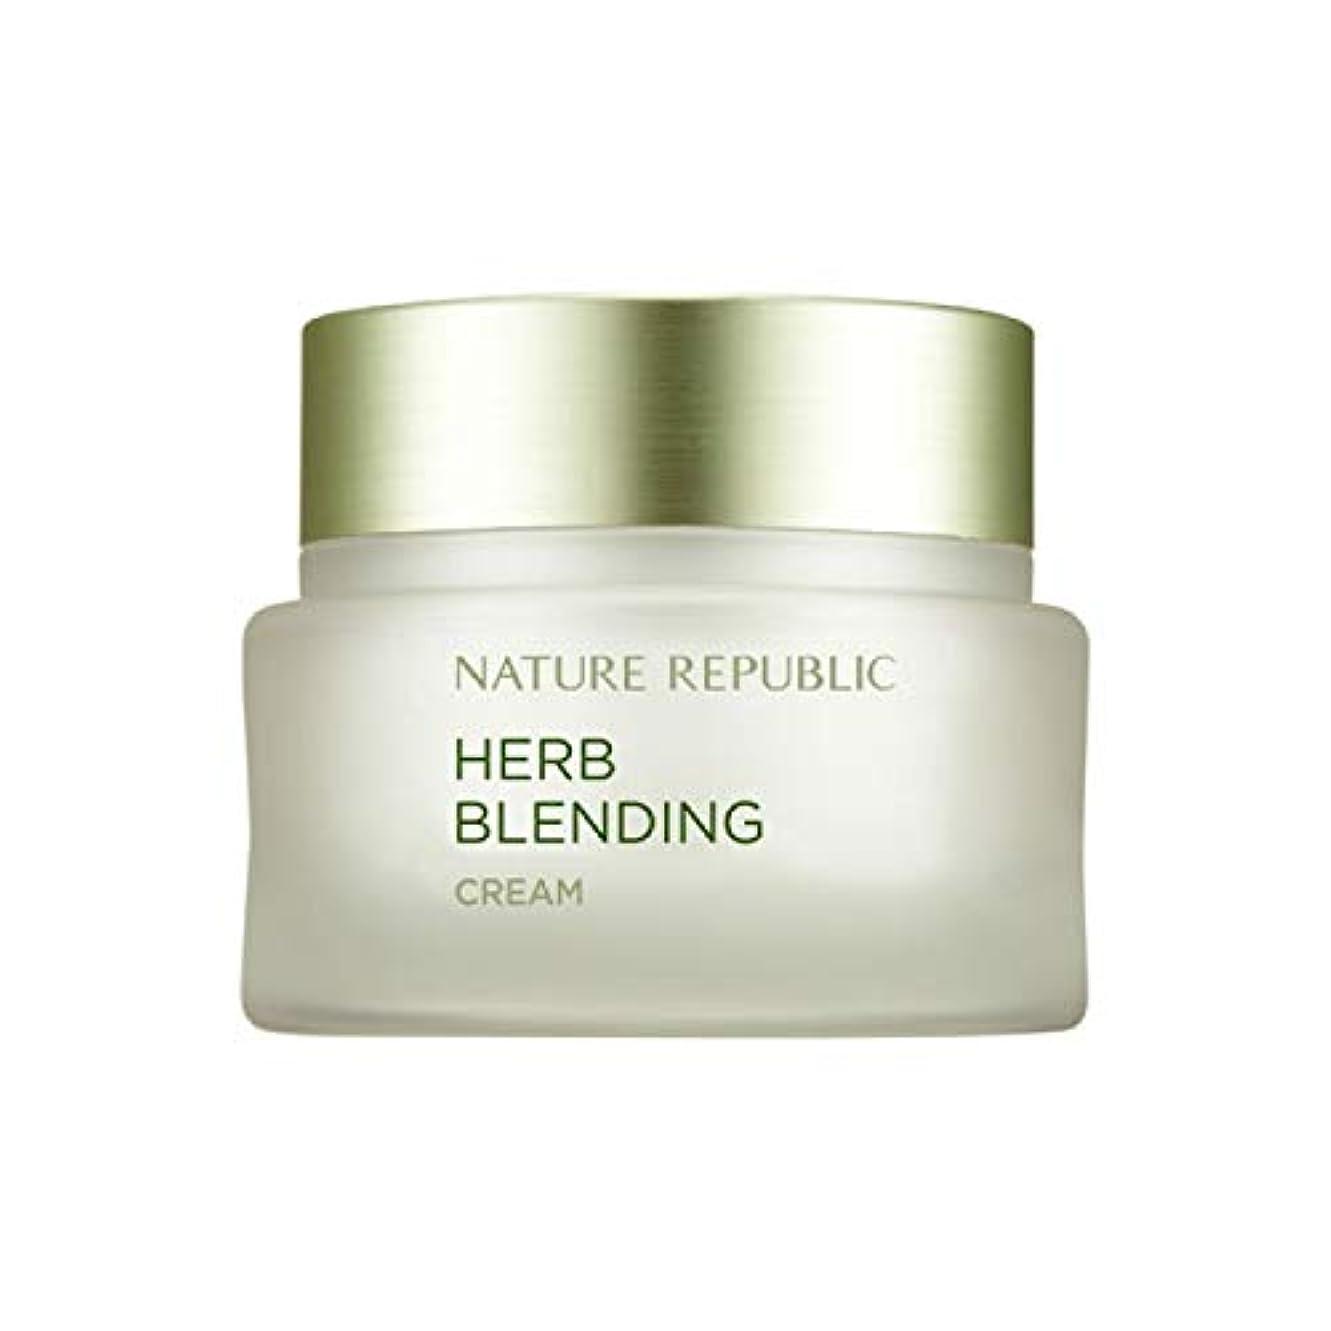 つまらない株式会社古代ネイチャーリパブリック(Nature Republic)ハブブレンドクリーム 50ml / Herb Blending Cream 50ml :: 韓国コスメ [並行輸入品]